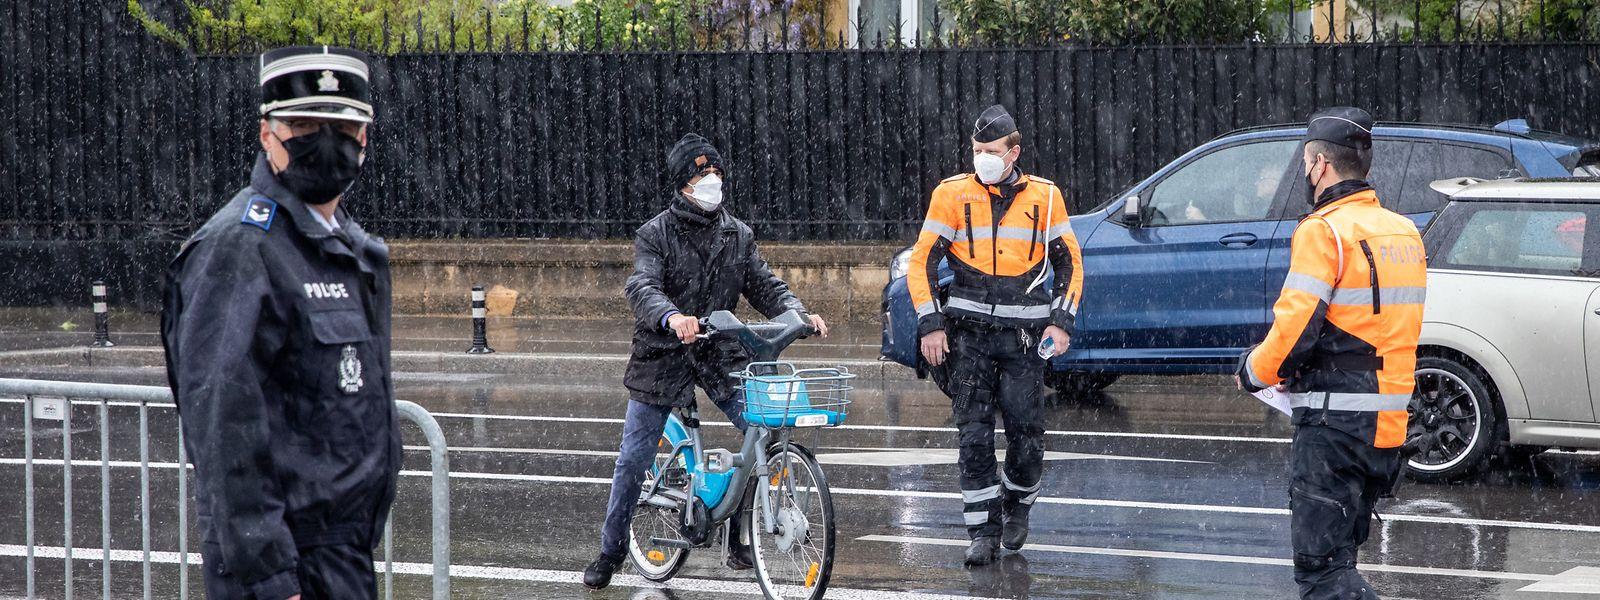 Vor der Gëlle Fra hat die Polizei gestern ihre Sensibilisierungskampagne gestartet. Sämtliche Radfahrer, die am Infostand der Sicherheitskräfte vorbeifuhren, wurden angehalten und in einem Gespräch für Verkehrsregeln und Sicherheitsvorkehrungen sensibilisiert.